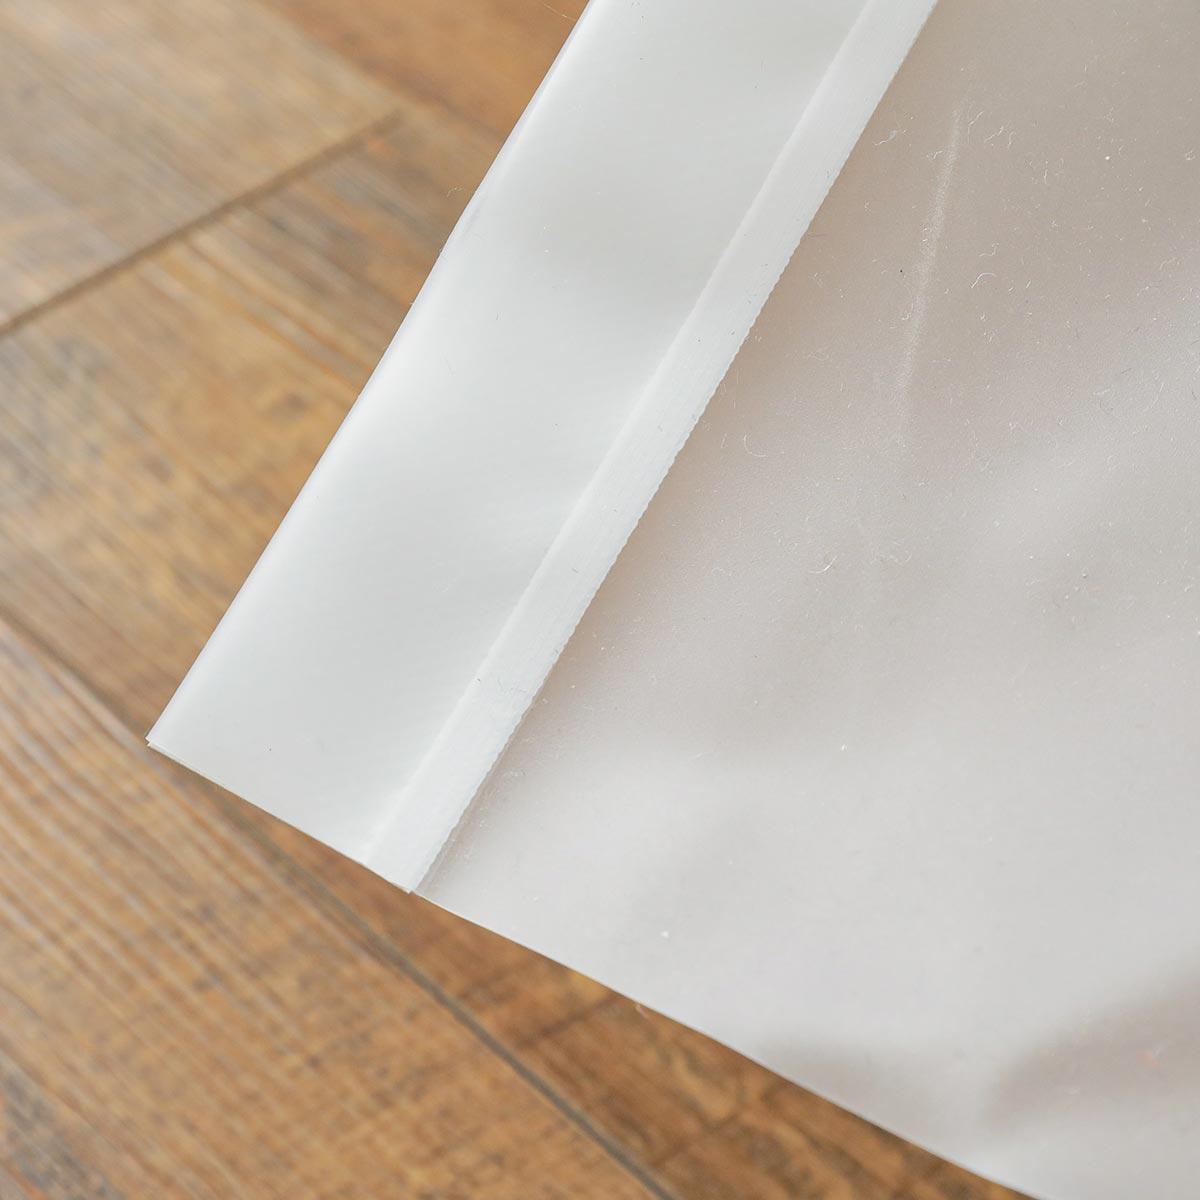 ビニールカーテン『シルエットカーテン ホワイト』イメージ4